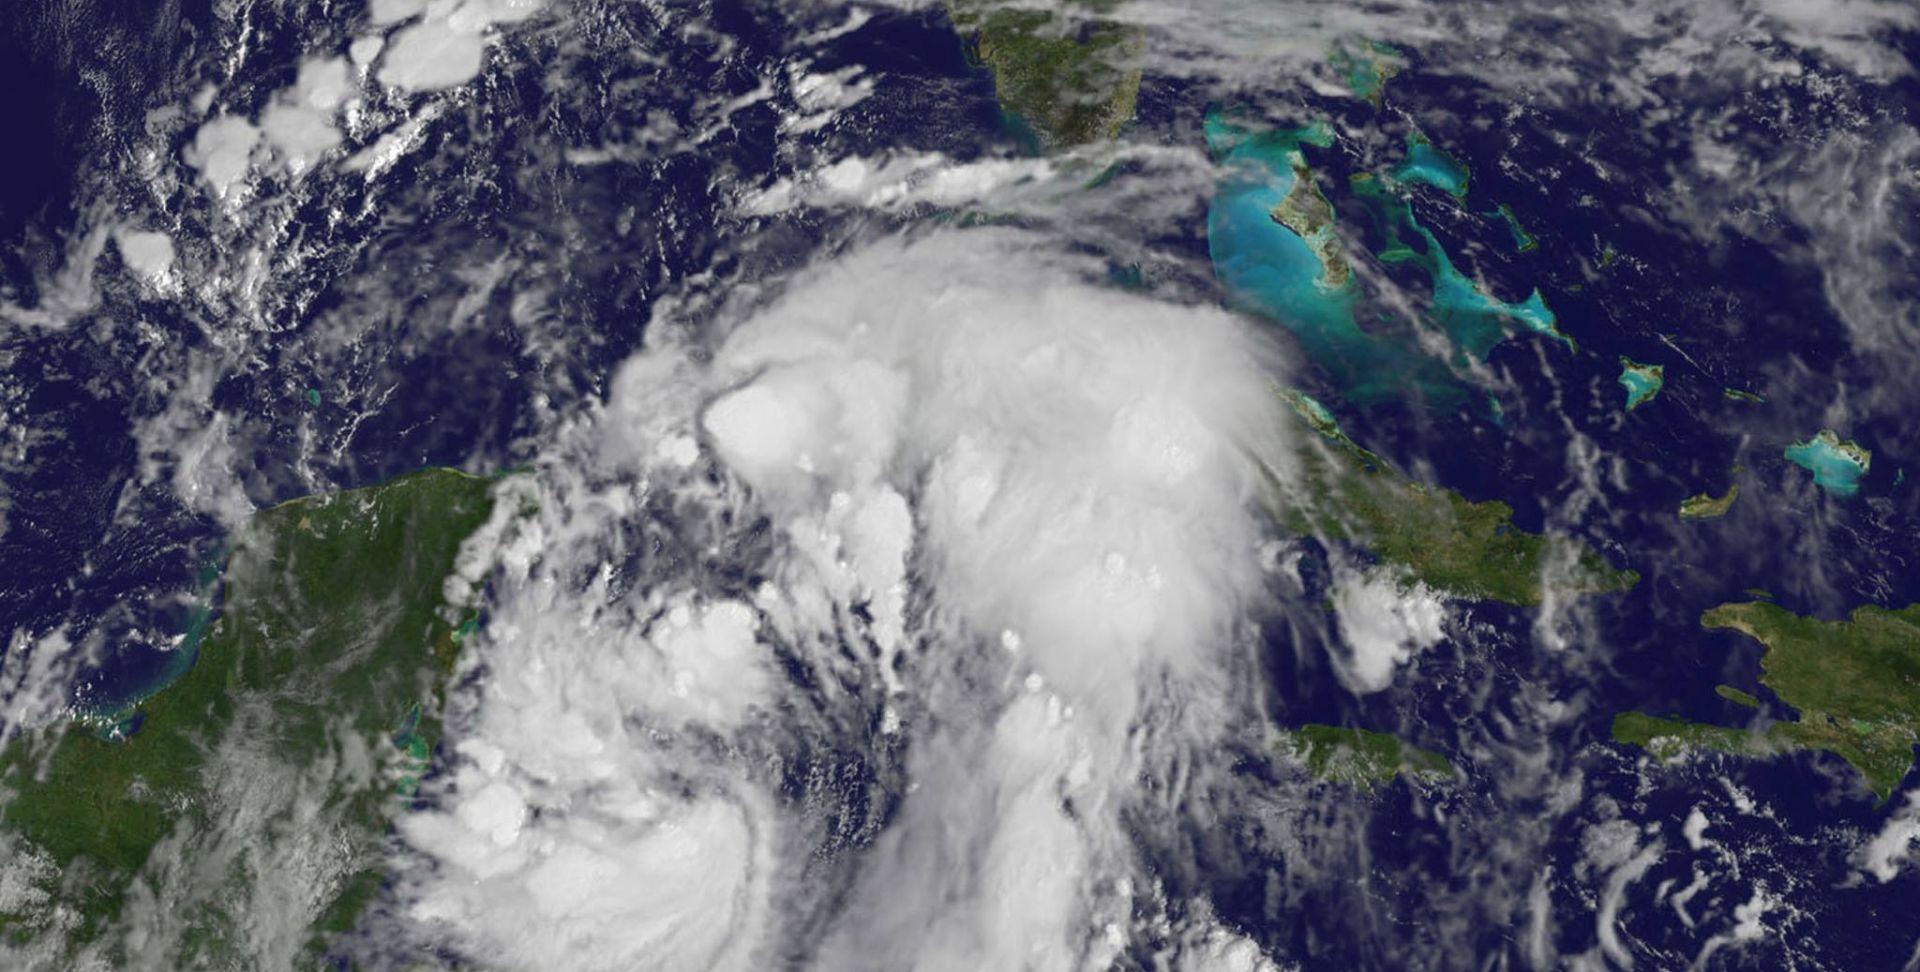 Uragan Nate sve bliže SAD-u, proglašeno izvanredno stanje u četiri države